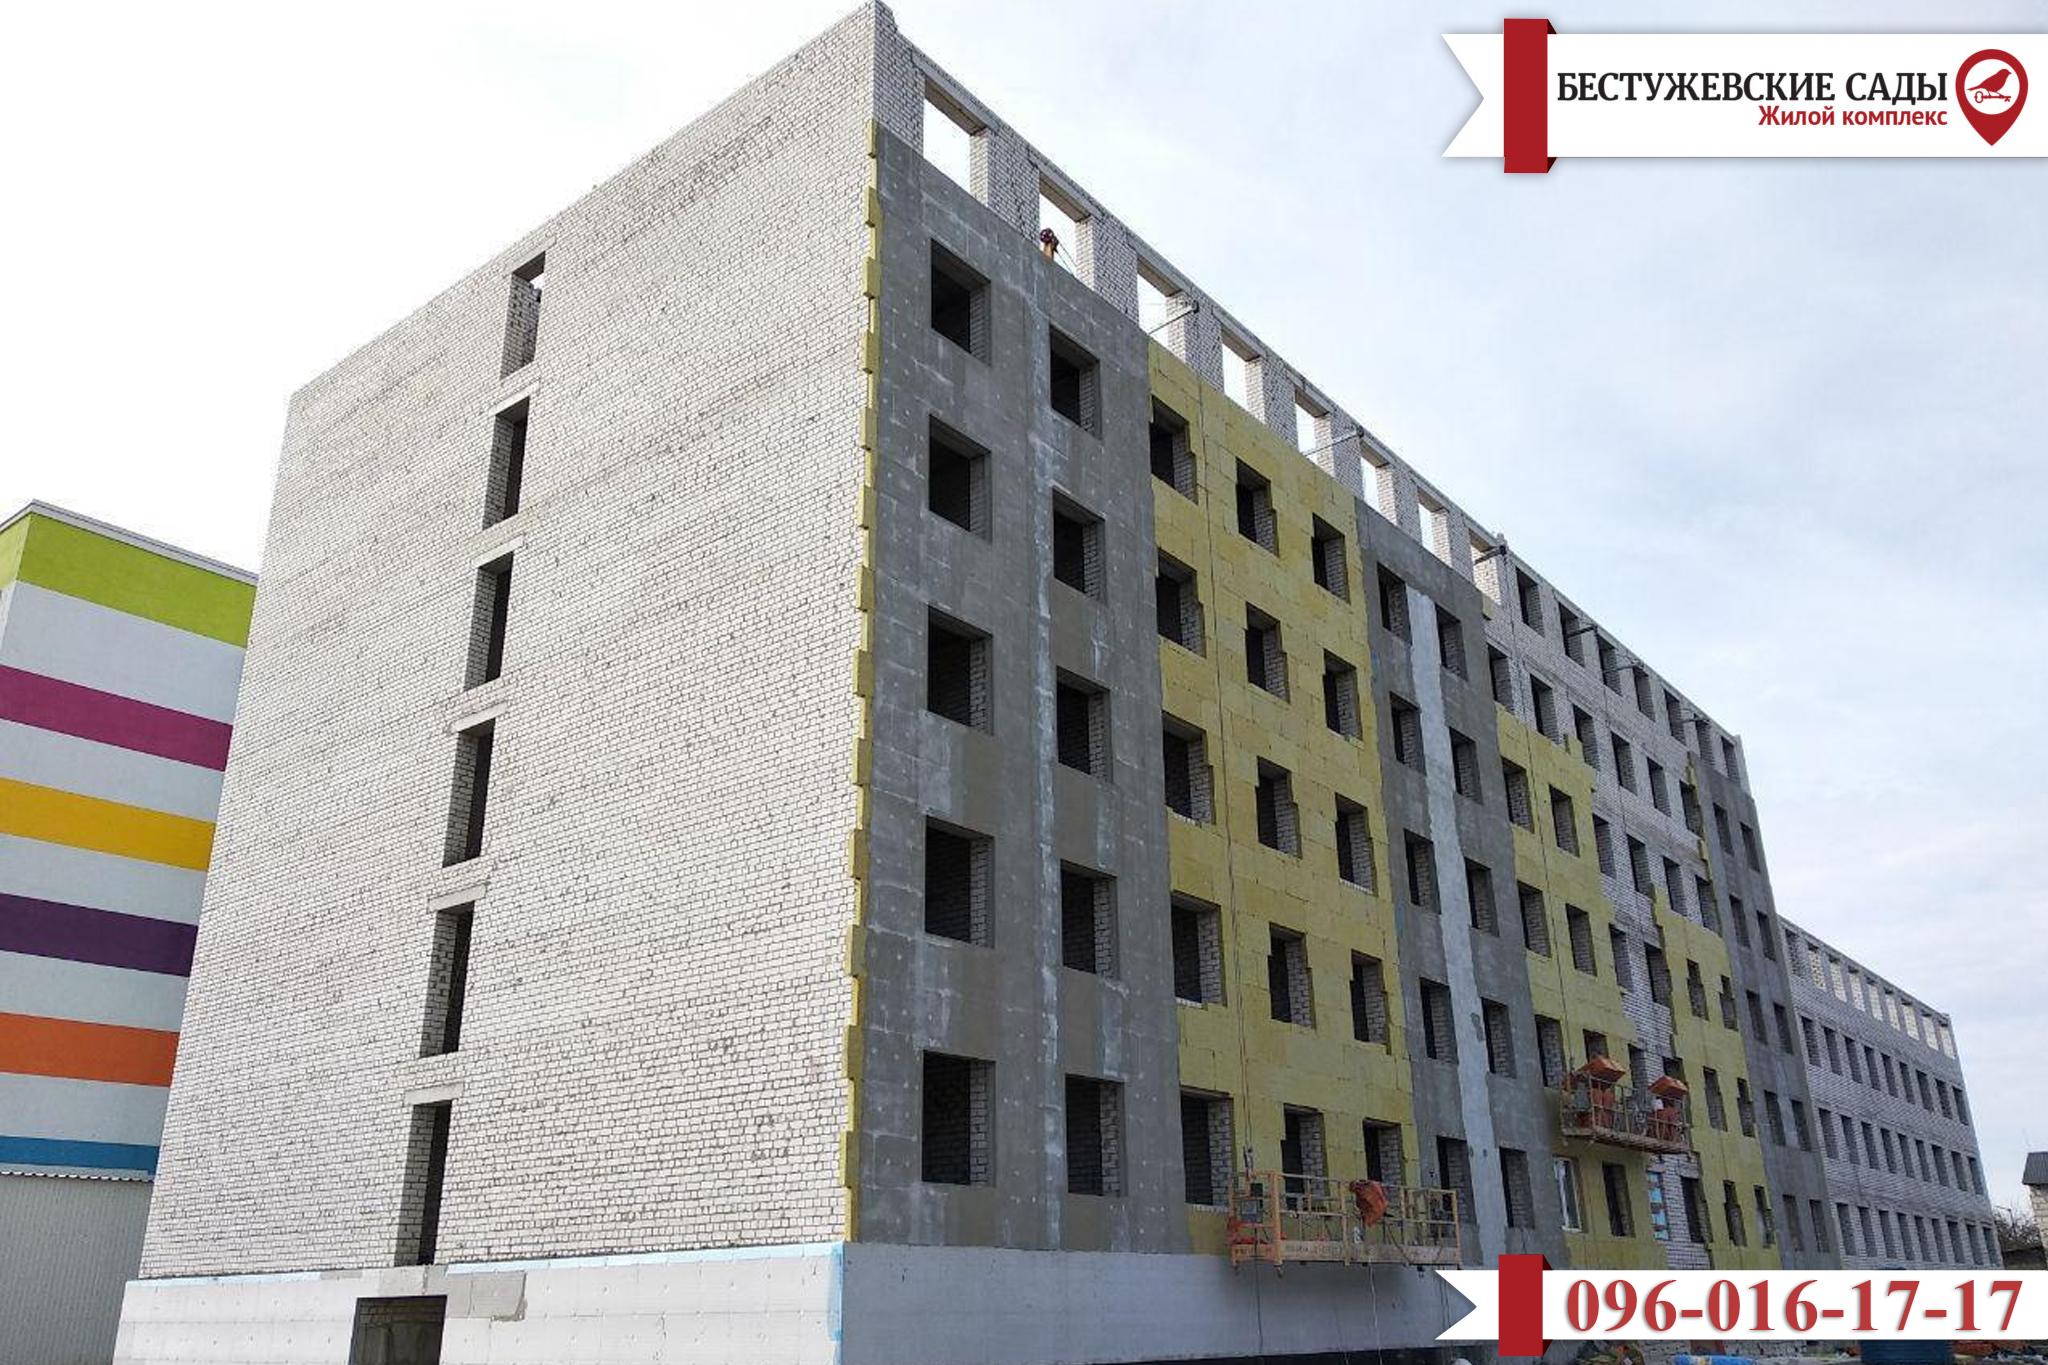 """Строительство в ЖК """"Бестужевские сады"""" продолжается!"""